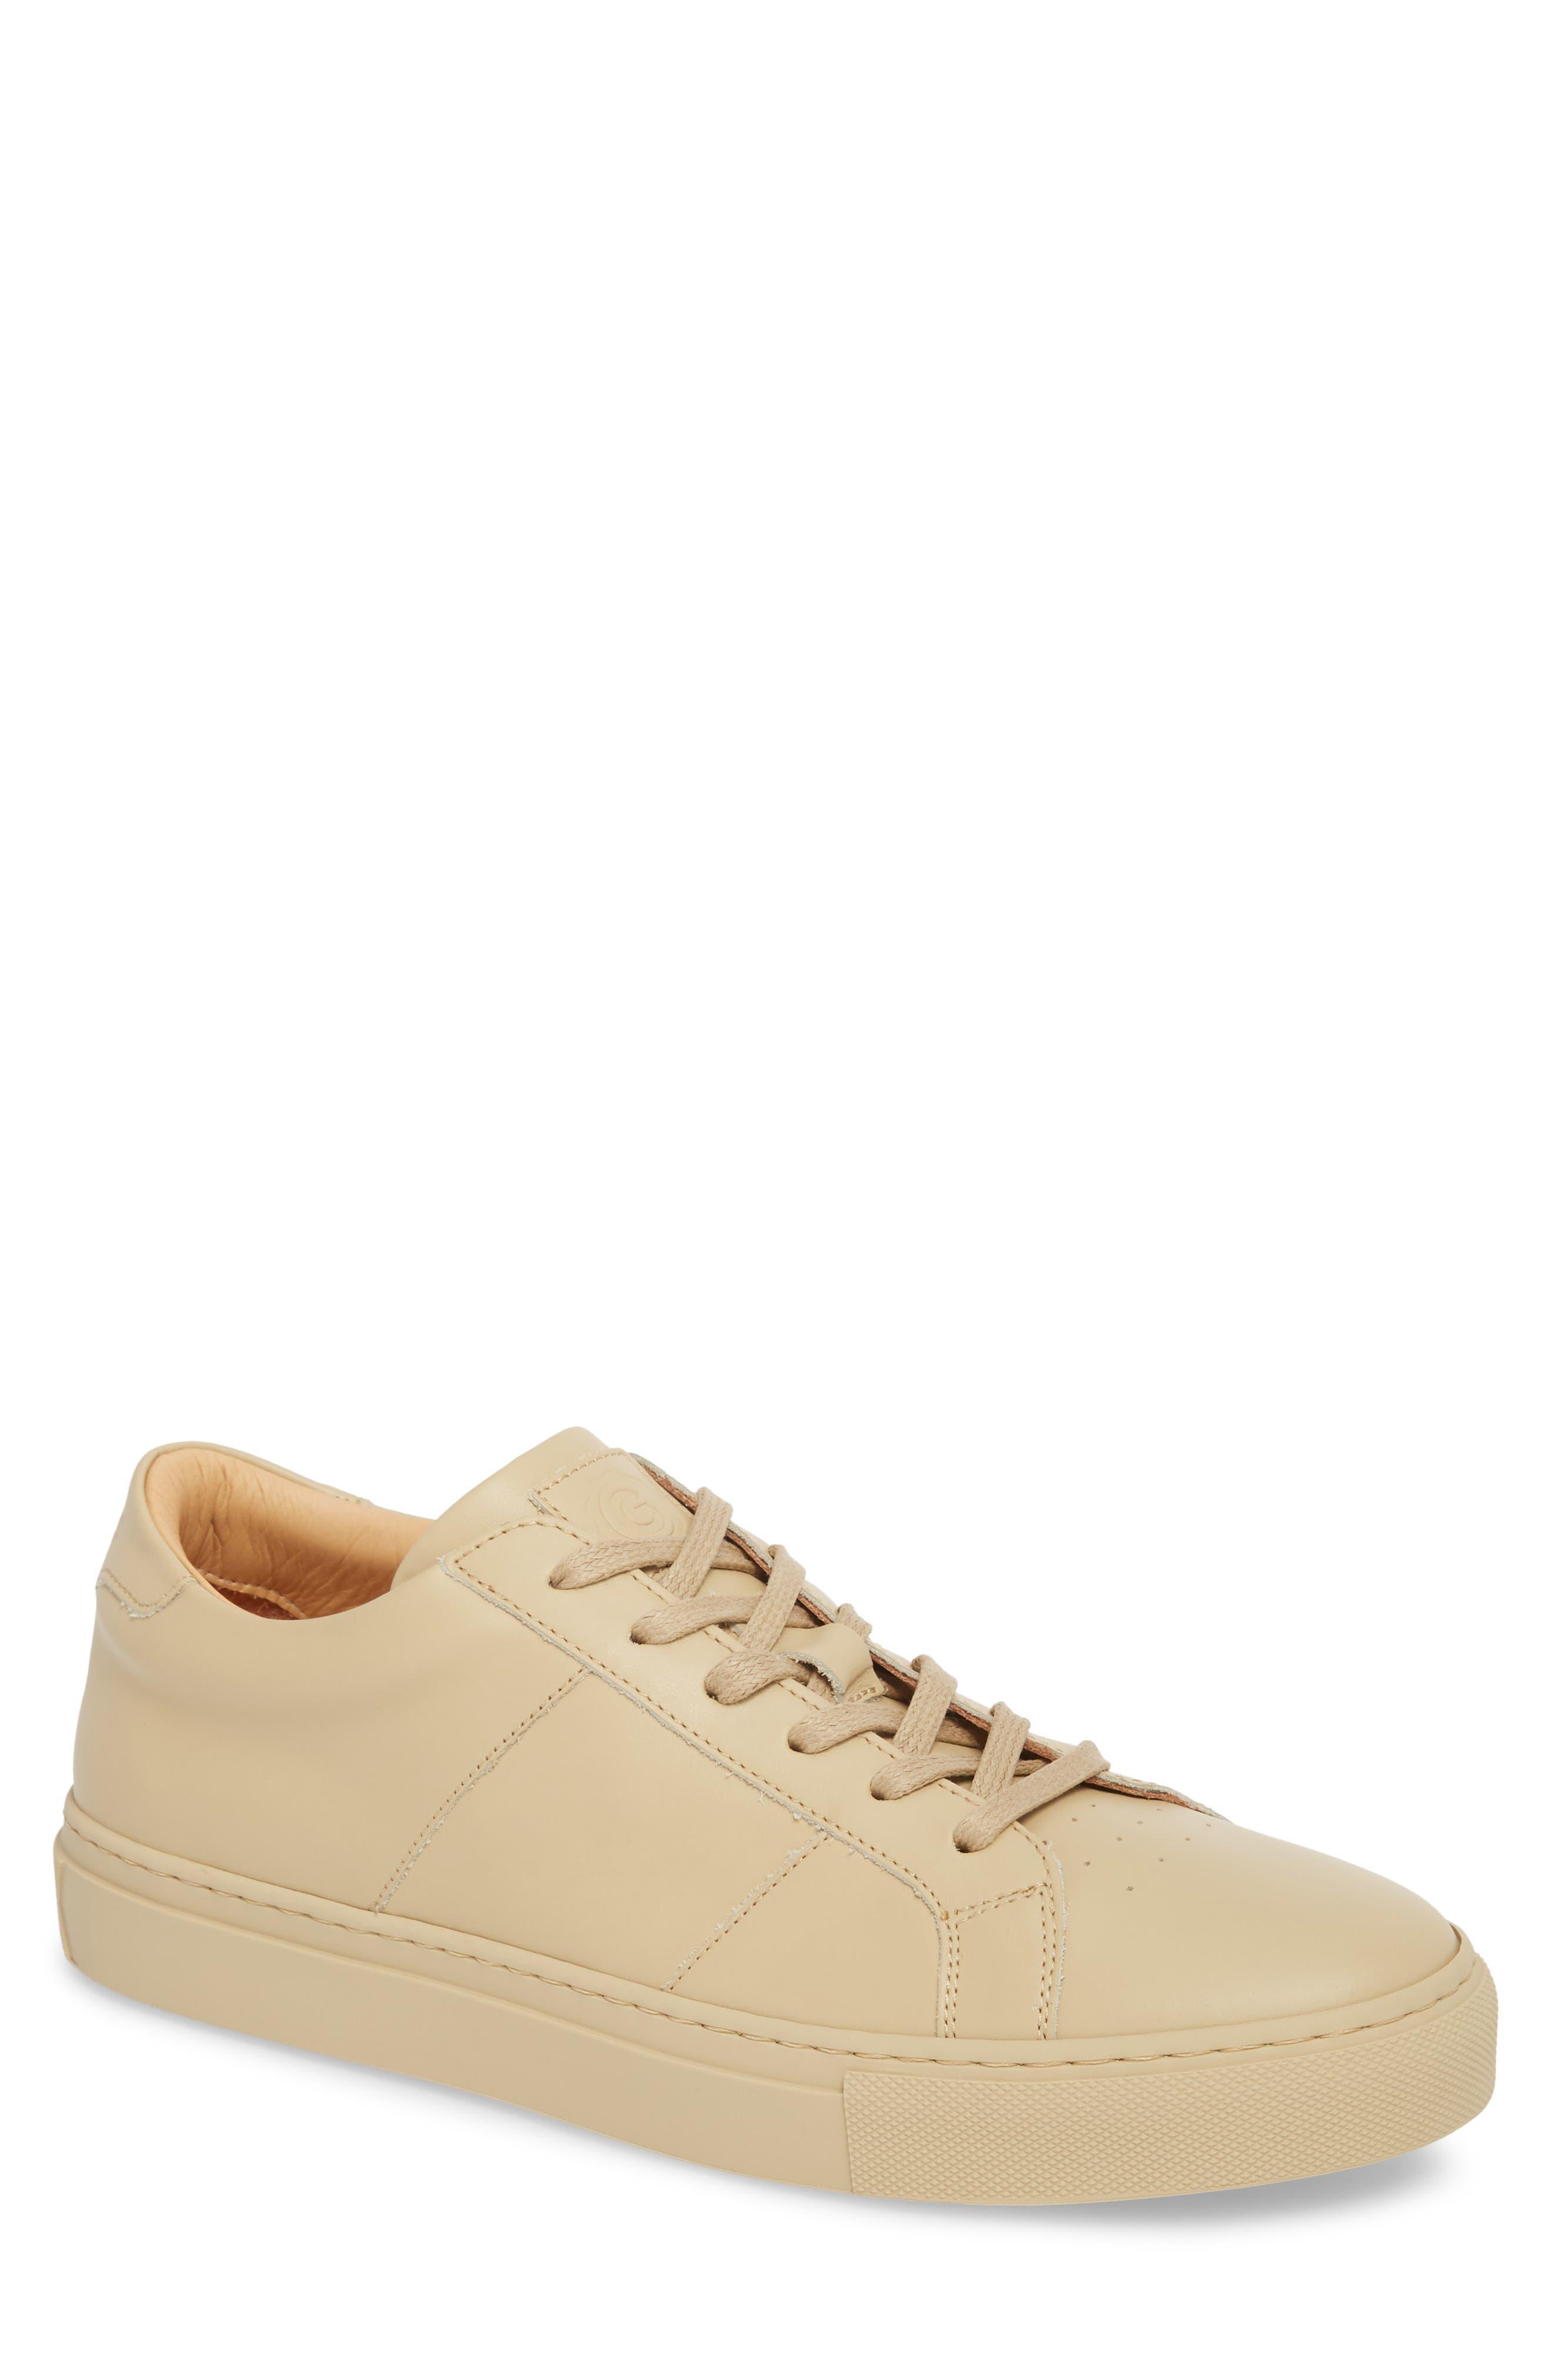 Greats Royale Sneaker (Men)